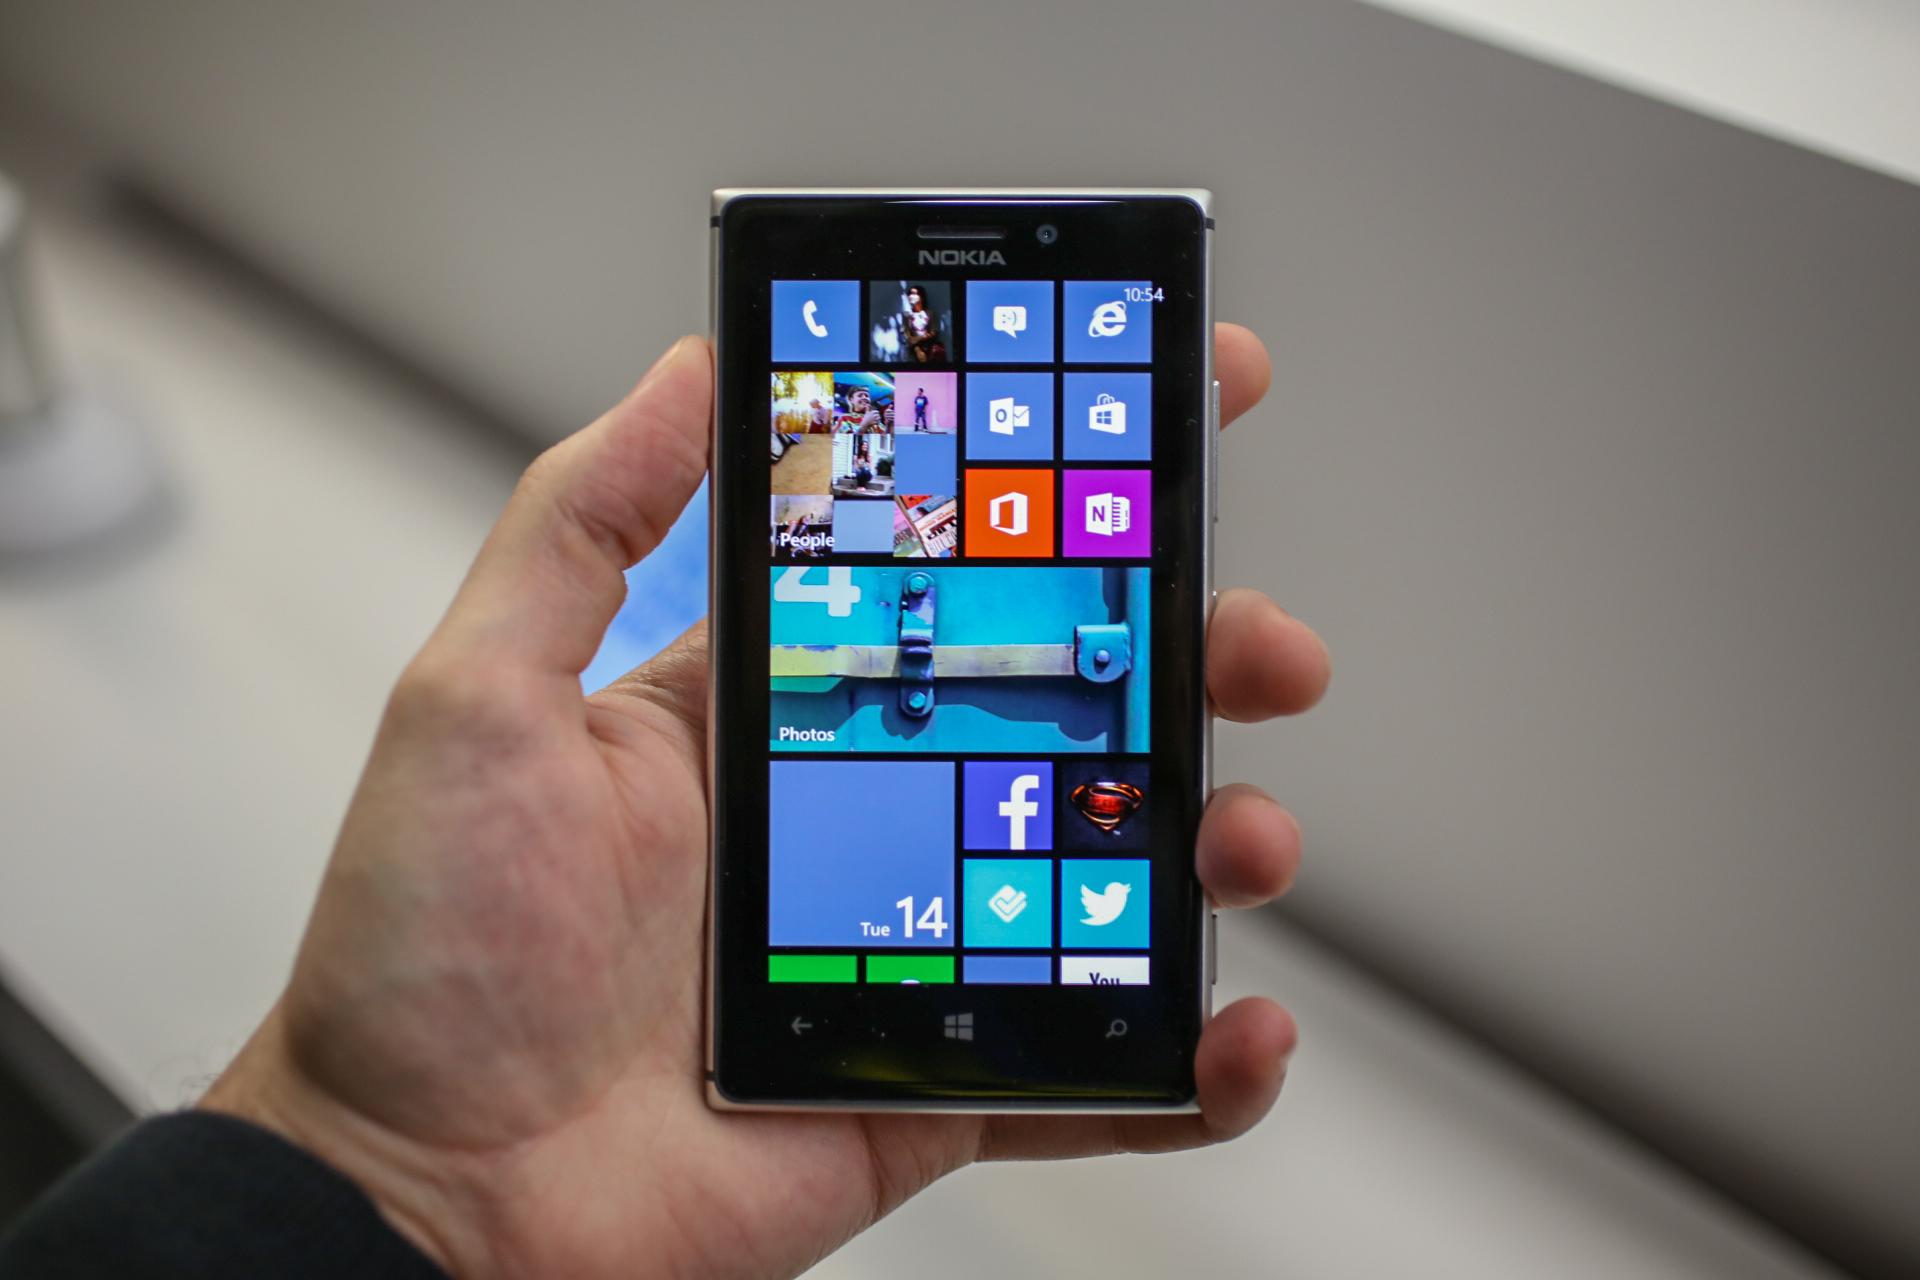 Nokia lumia 925 jpg - Nokia Lumia 925 Silver